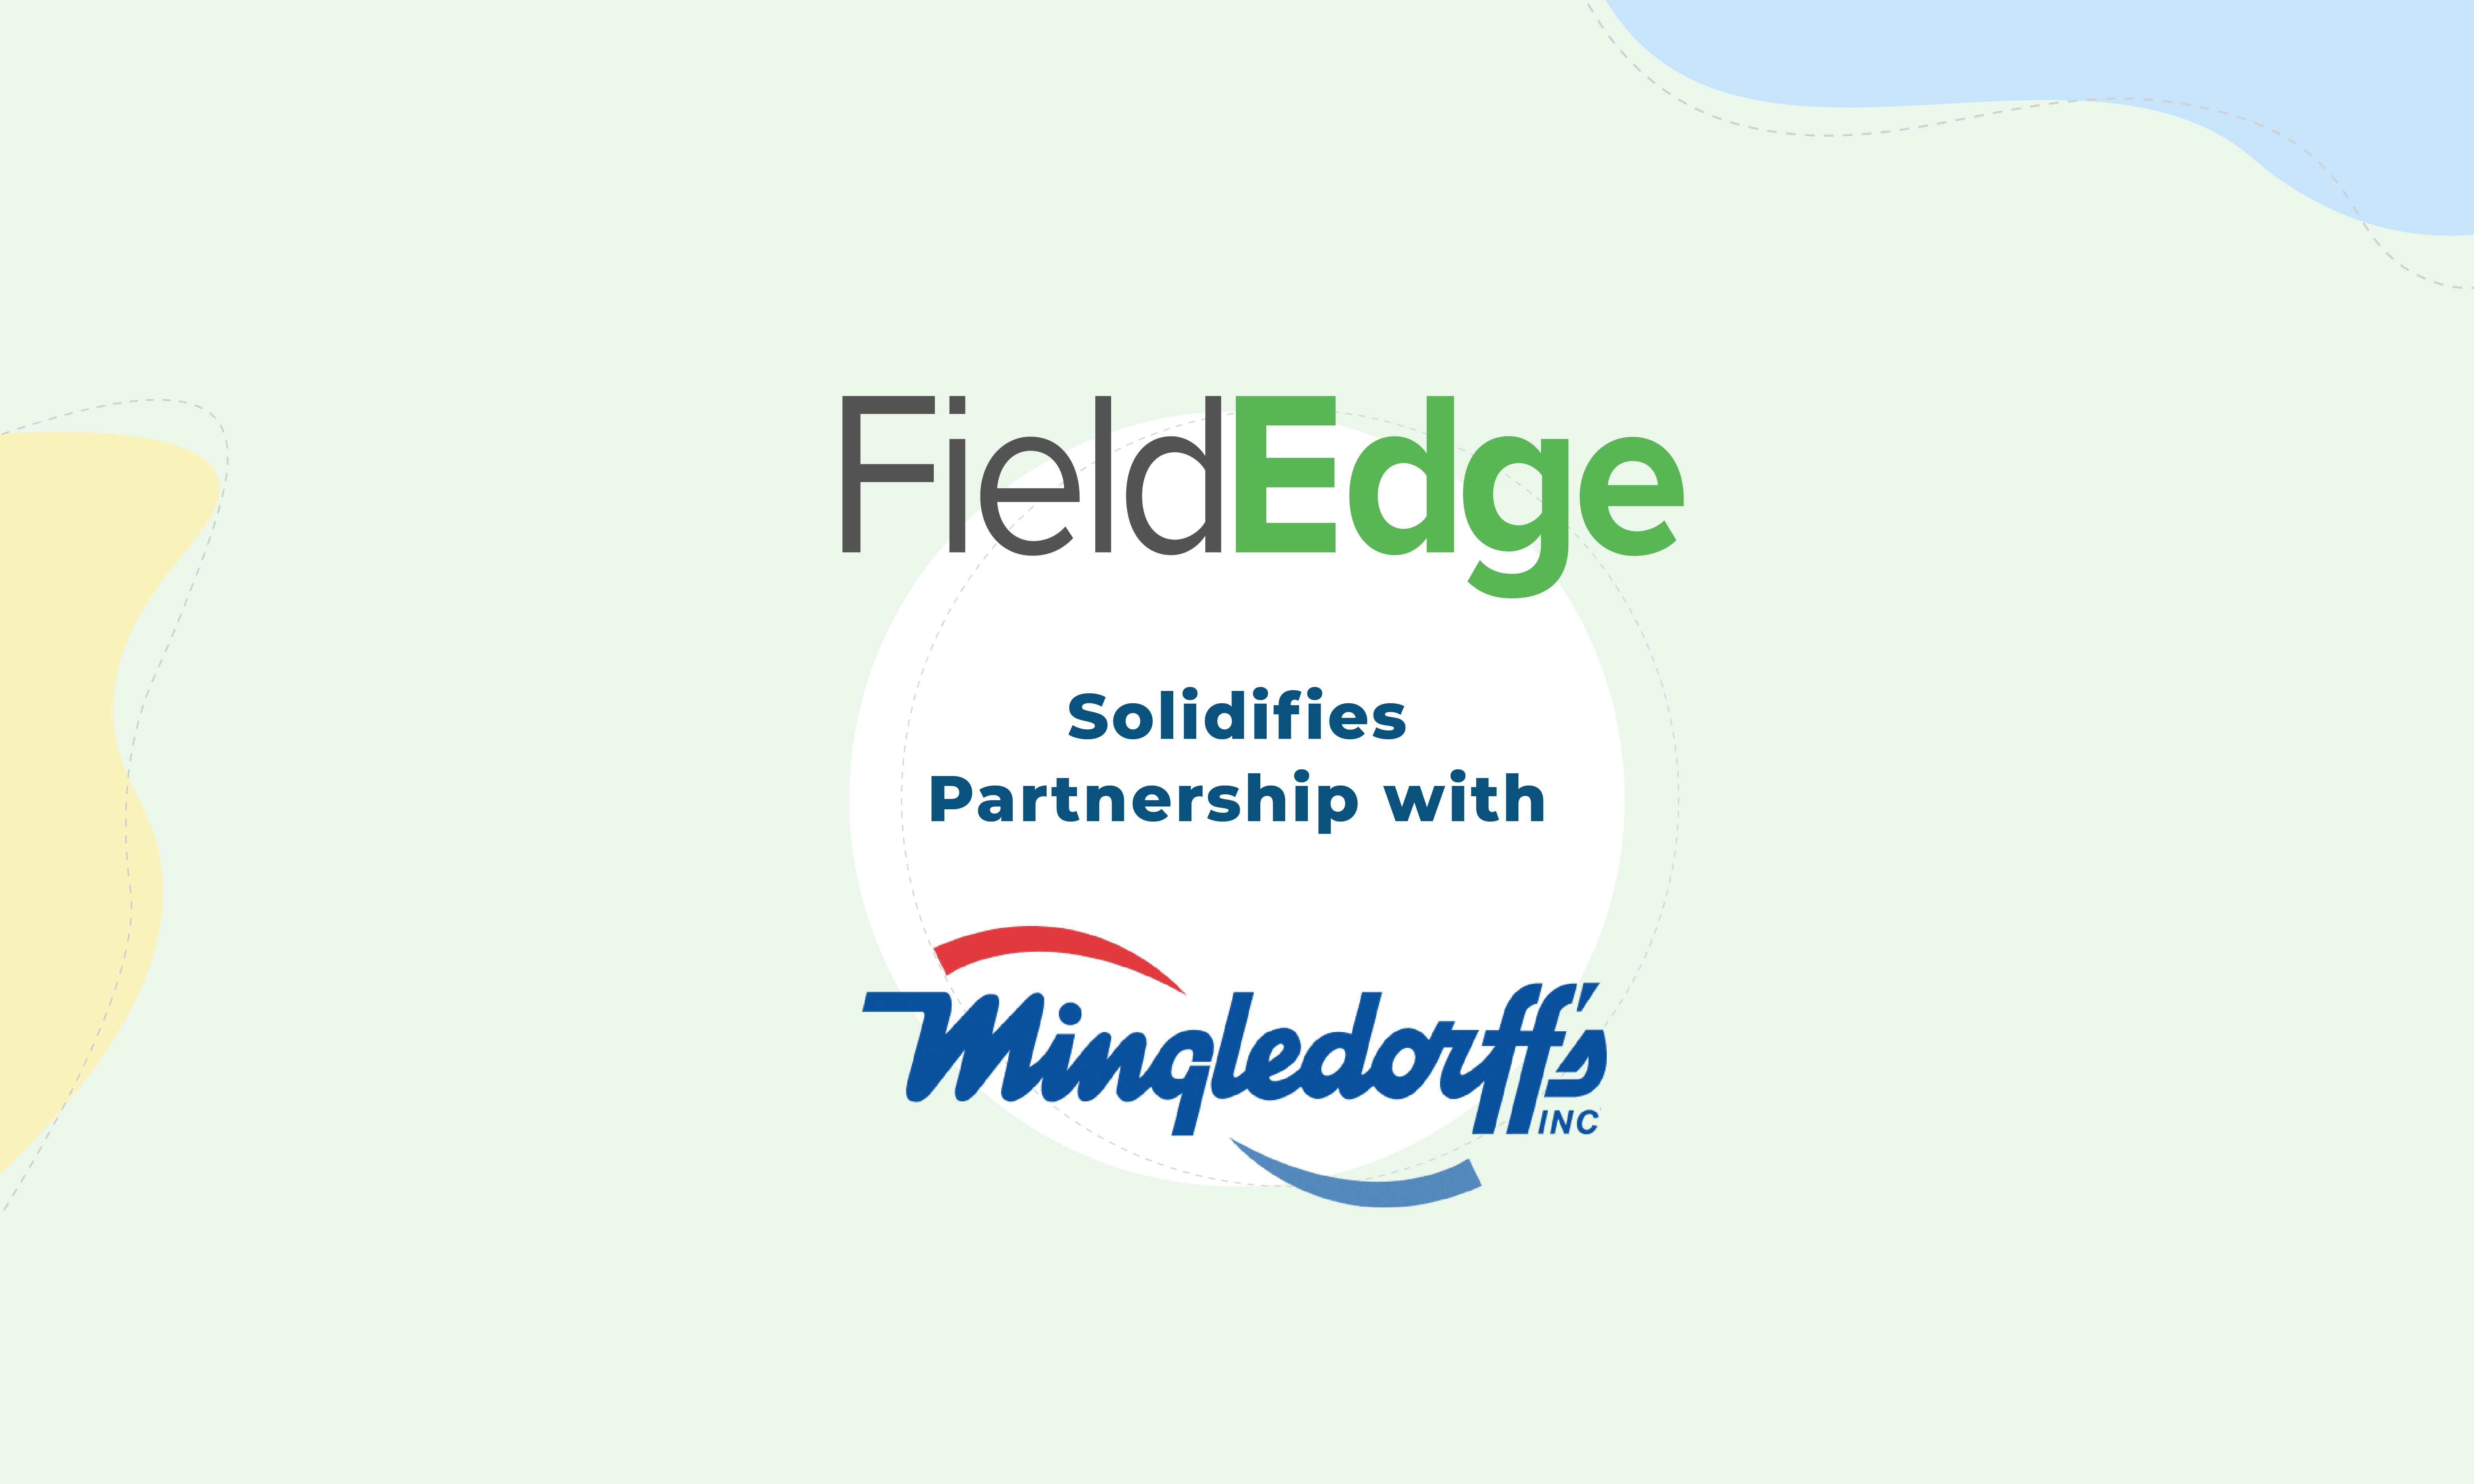 fieldedge mingledorff's